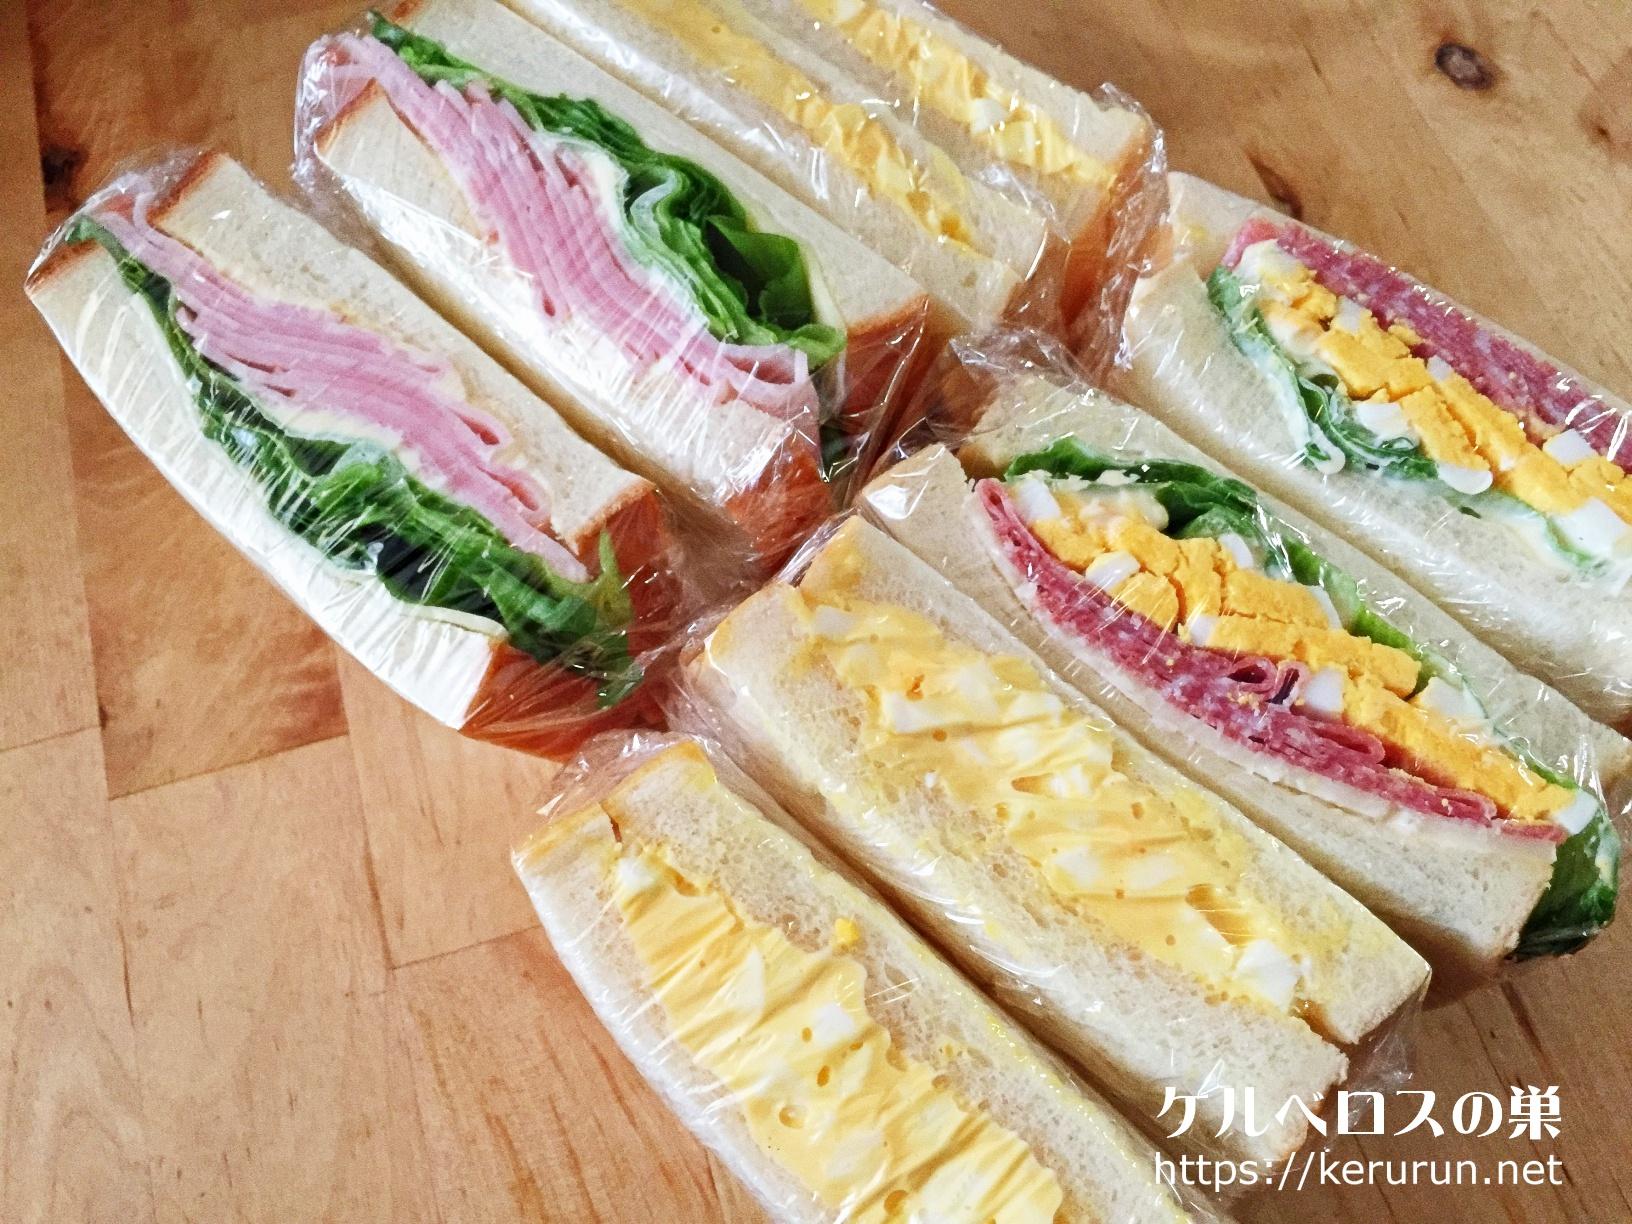 もりのこむぎのパンでサンドイッチ弁当